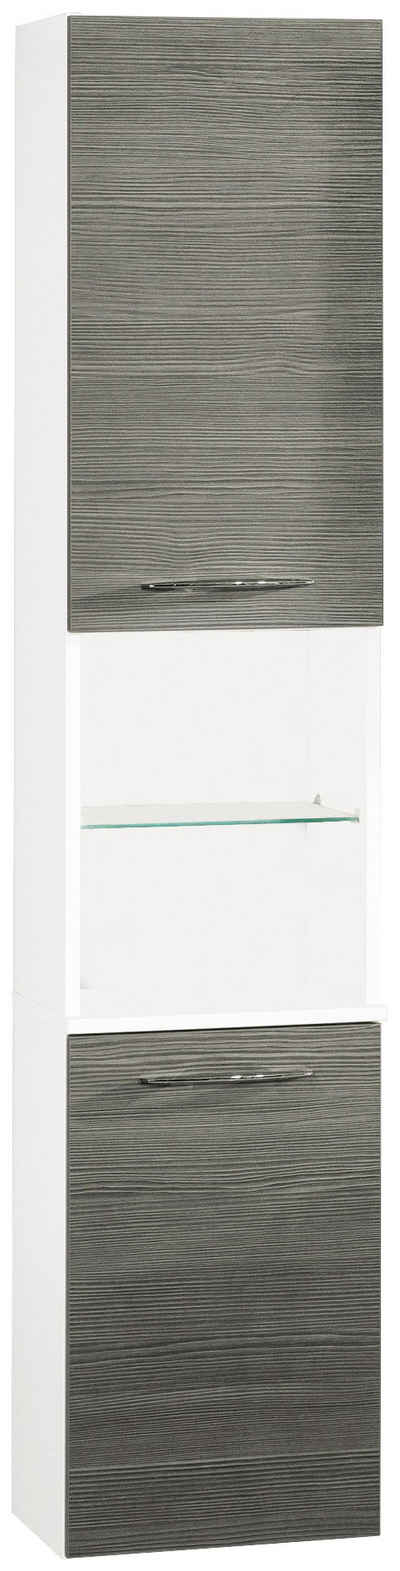 FACKELMANN Hängeschrank »Vadea« Breite 35,5 cm